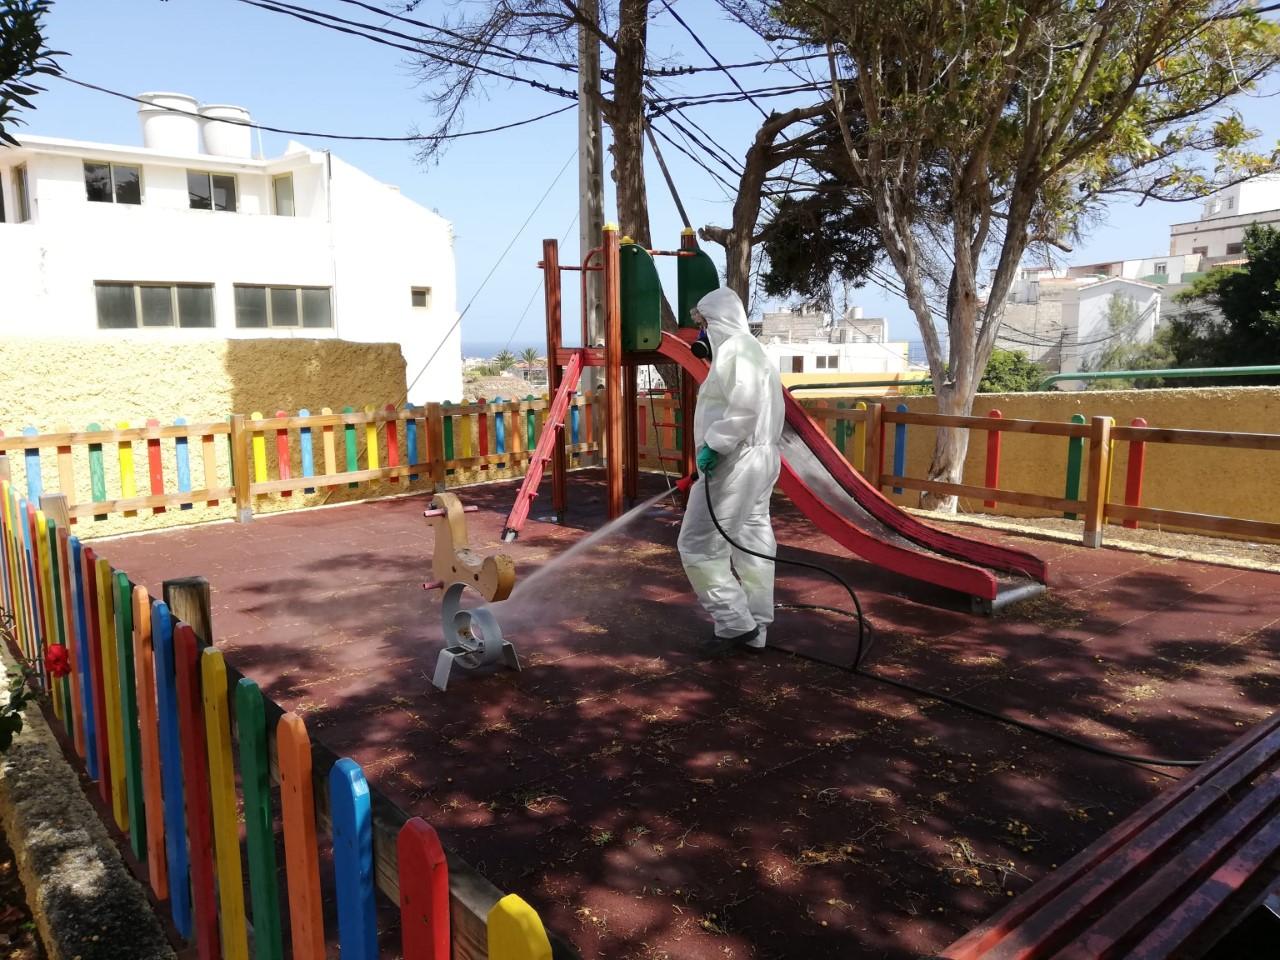 El Ayuntamiento de Arucas refuerza la limpieza y desinfección de los parques y plazas del municipio